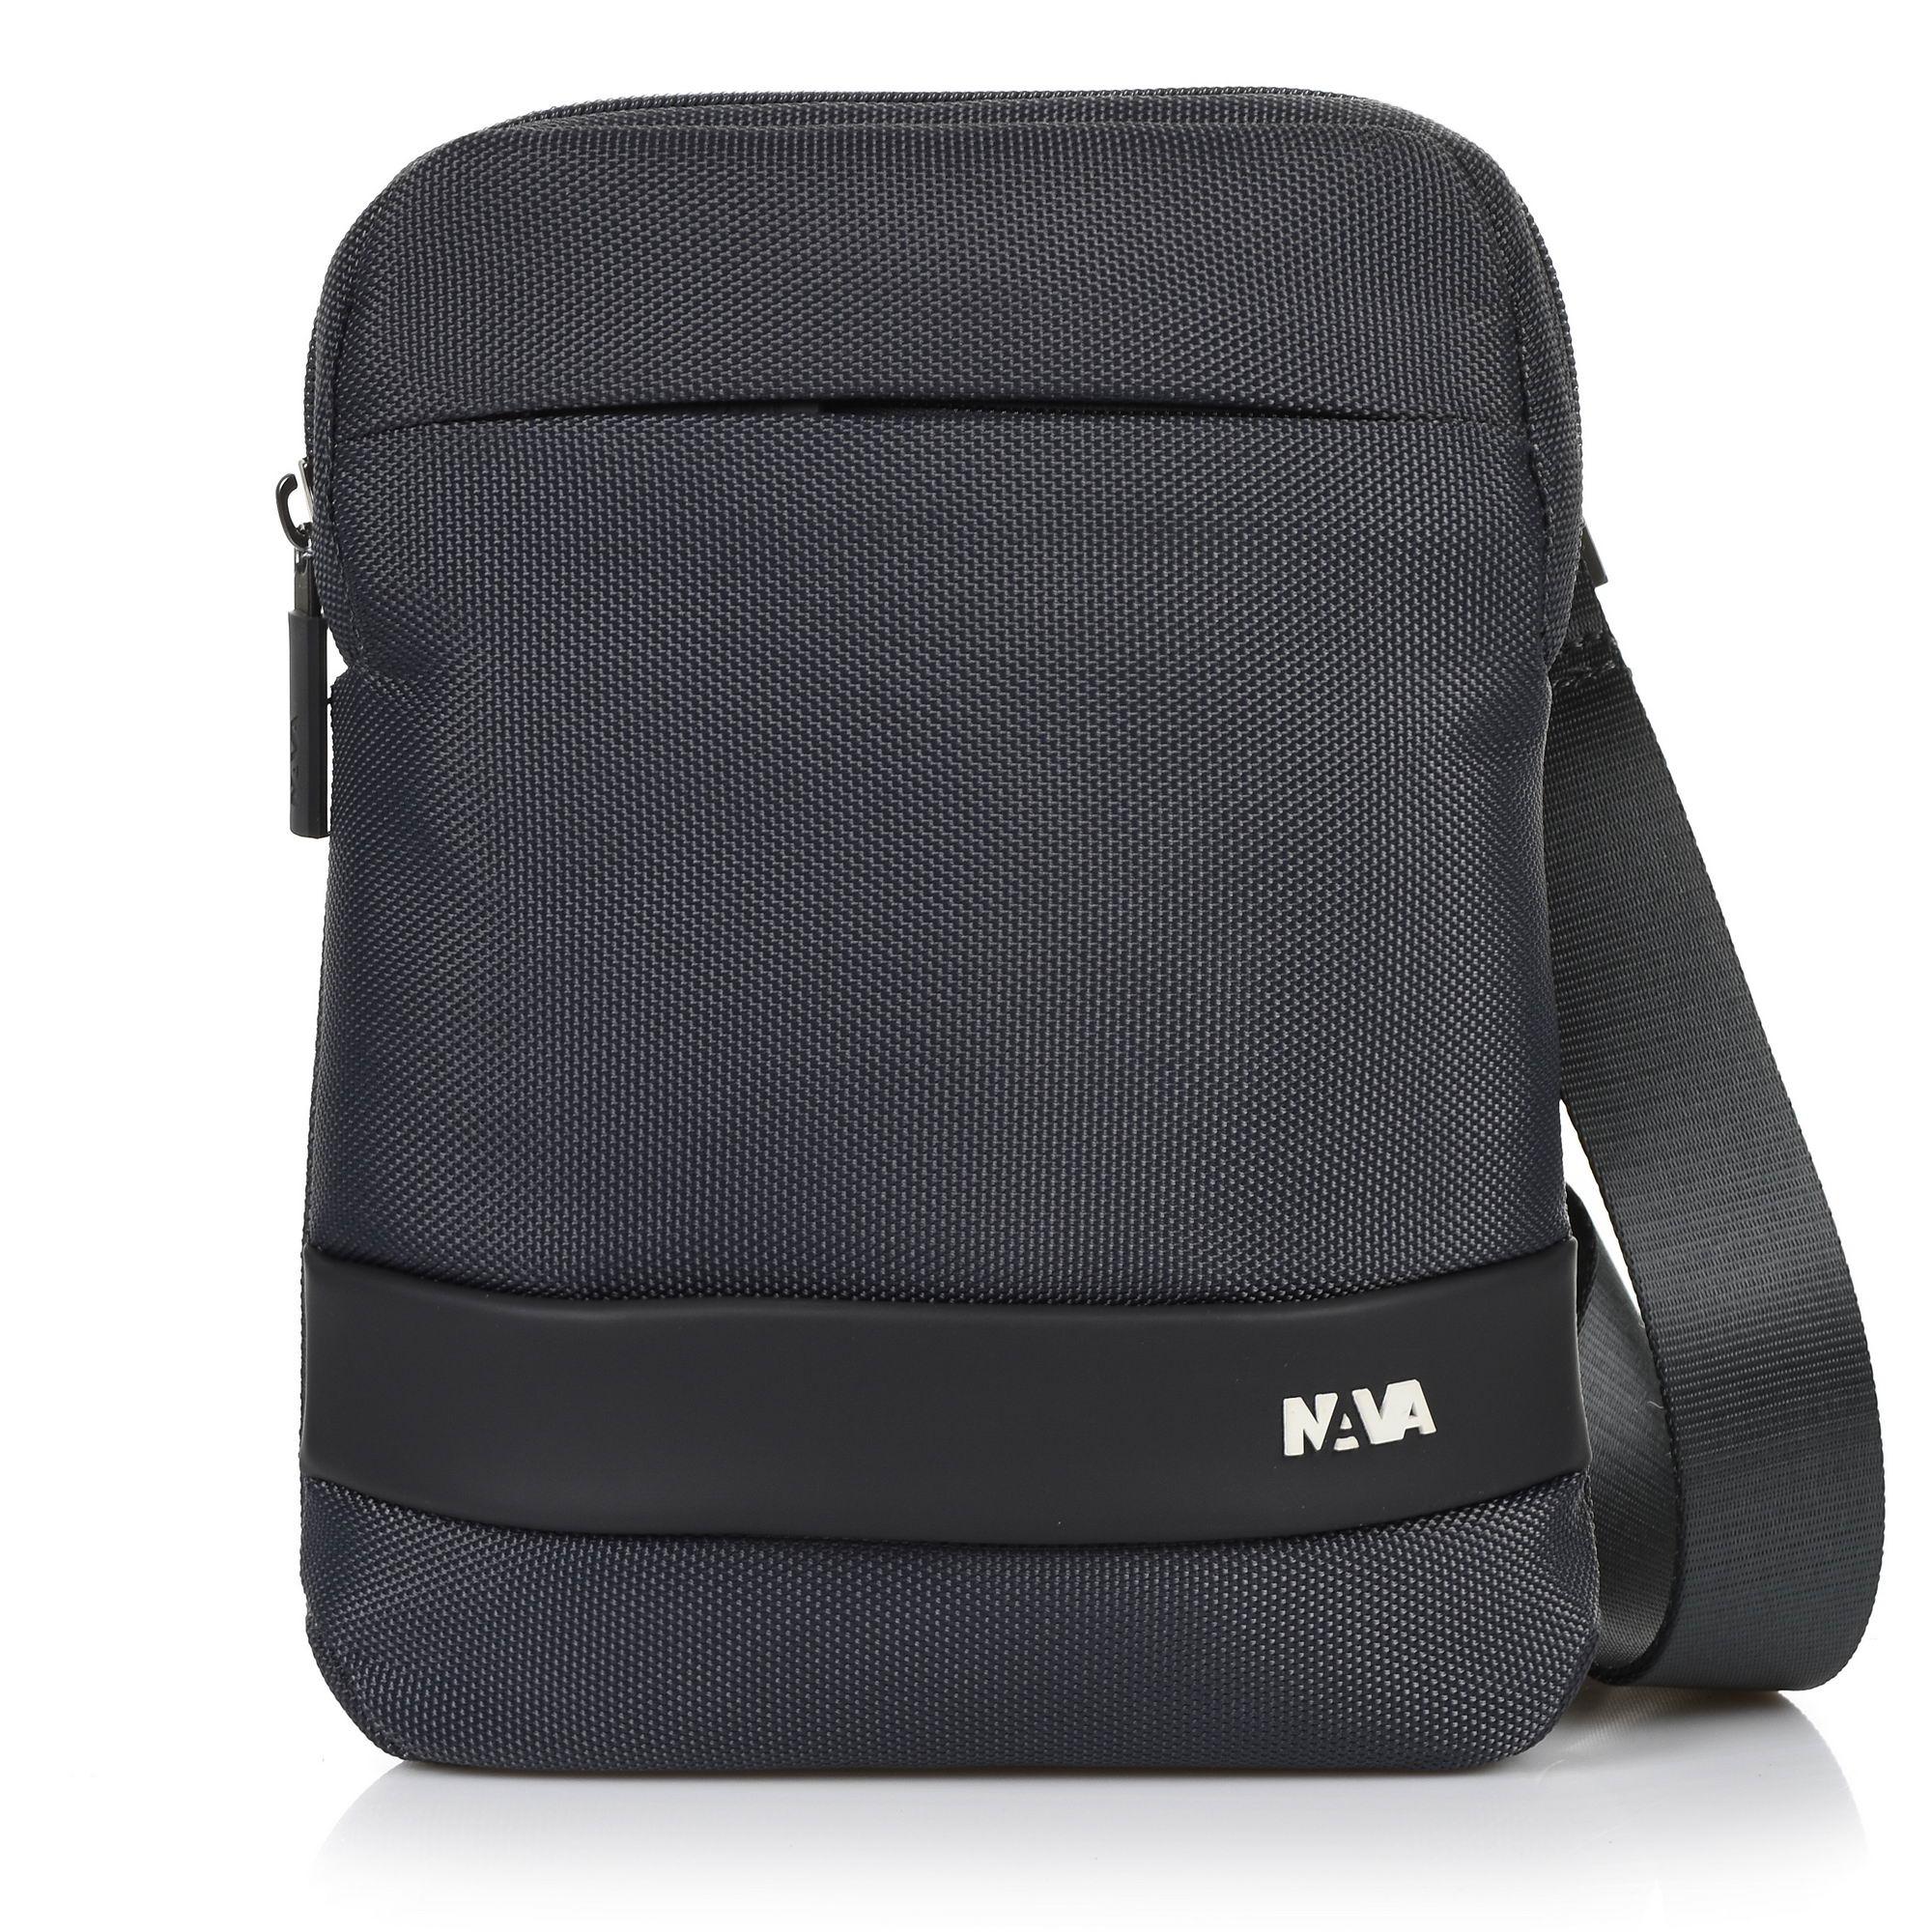 Τσαντάκι Χιαστί Nava Easy Plus Slim Bag EP013 ανδρας   τσαντάκι χιαστί